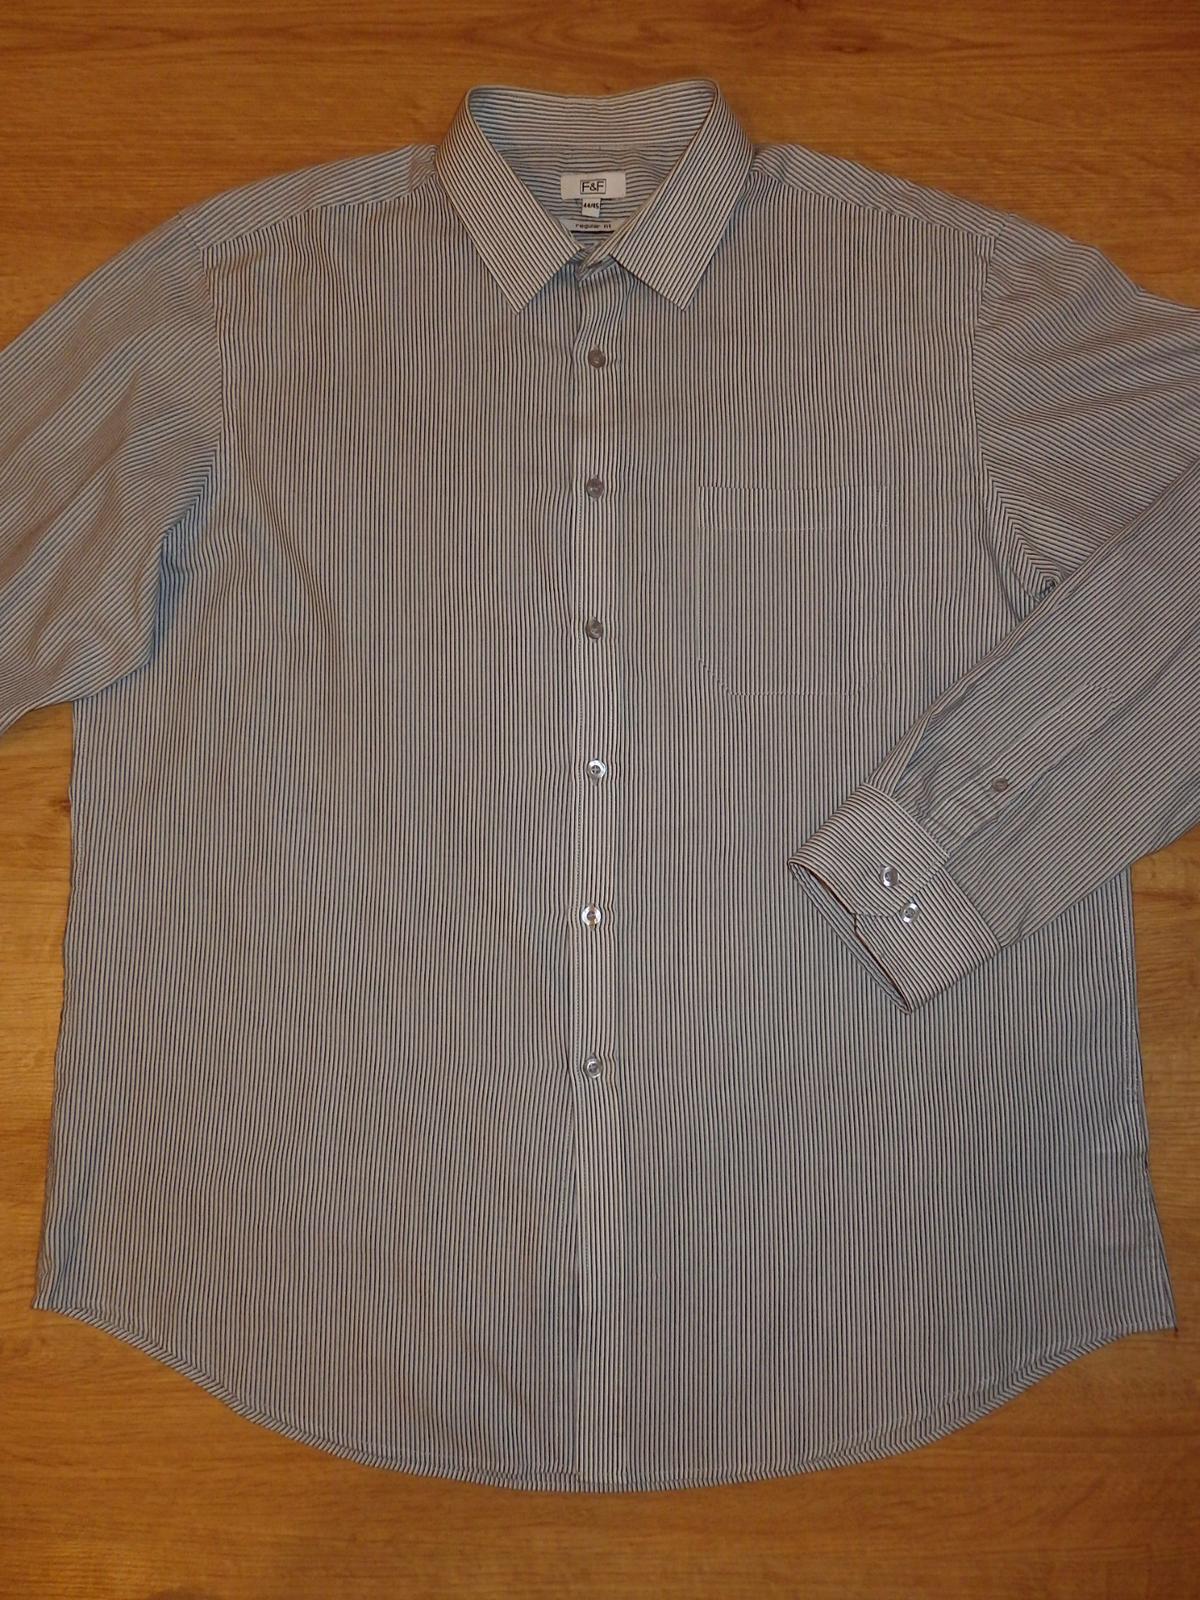 pásiková košeľa - Obrázok č. 1